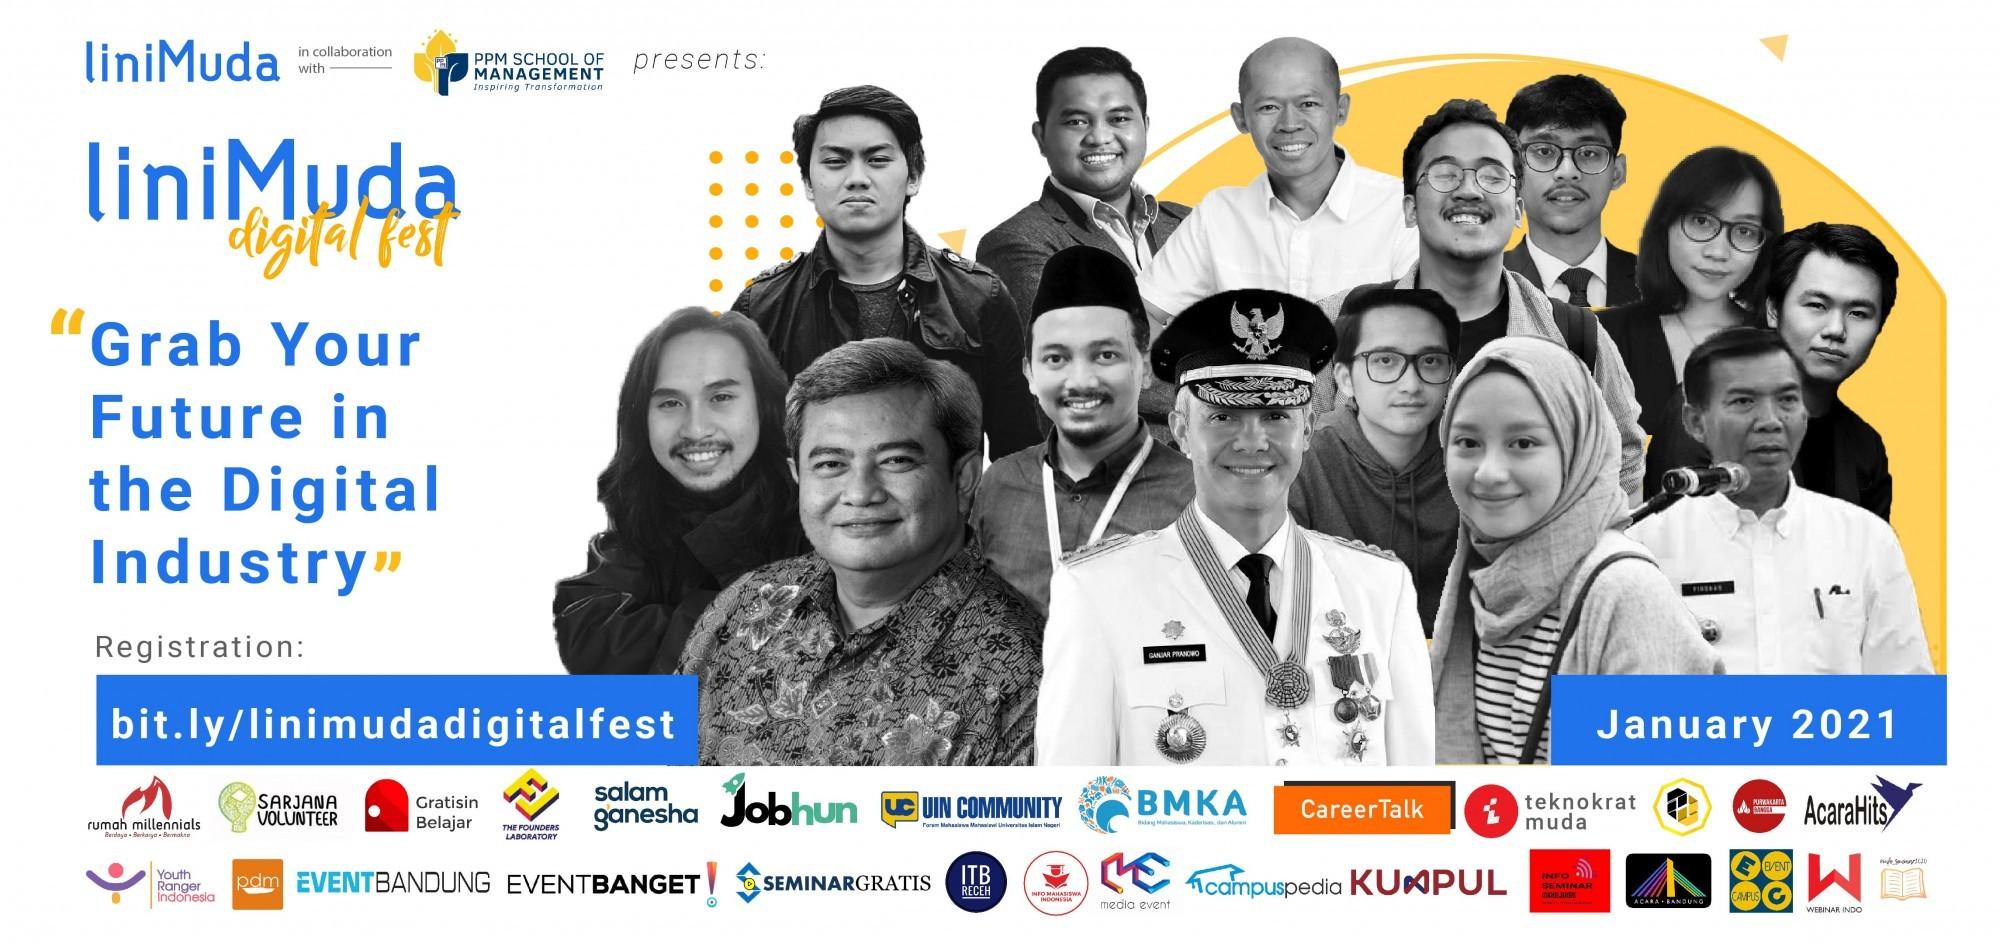 Linimuda Digital Fest